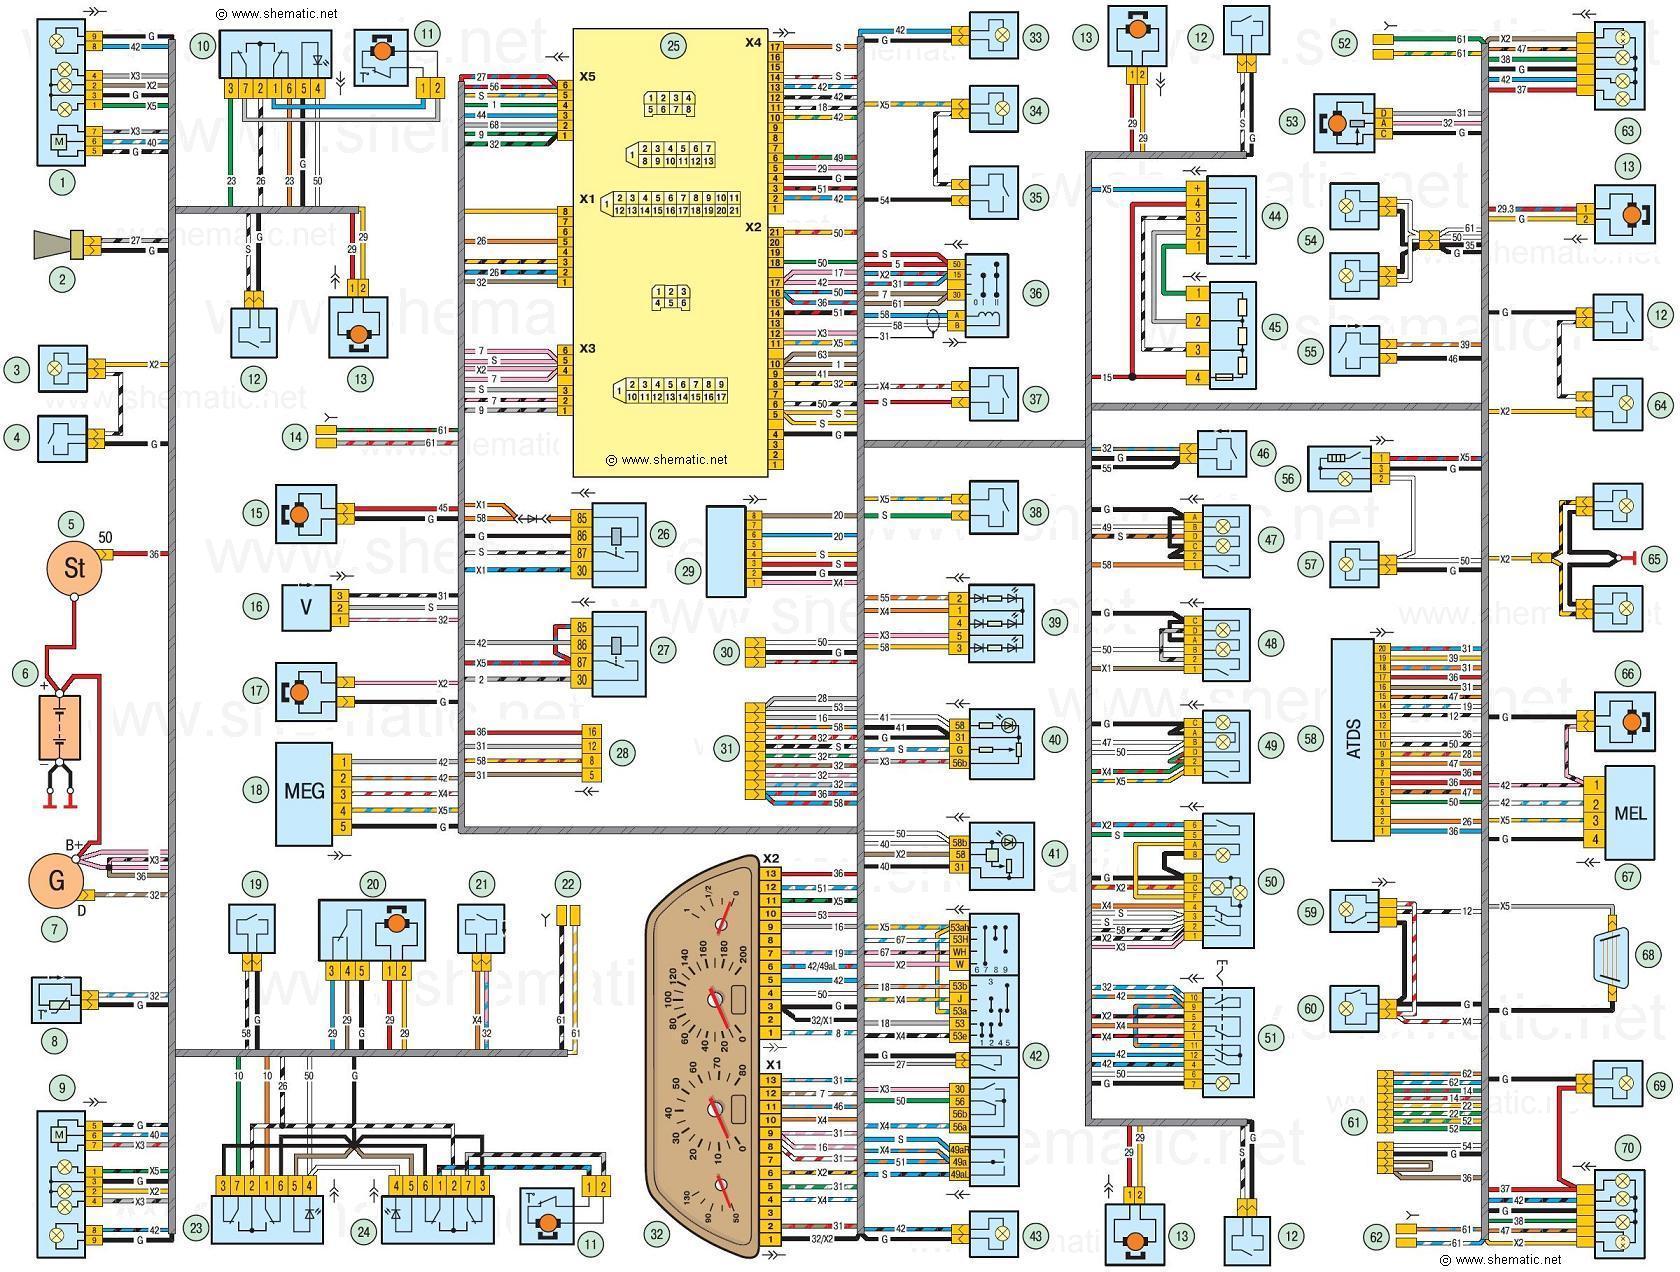 Электросхема ваз 21099 инжектор схема проводки bosch схема проводки ваз 21011 m 1 5 4 1 это провода Установка...